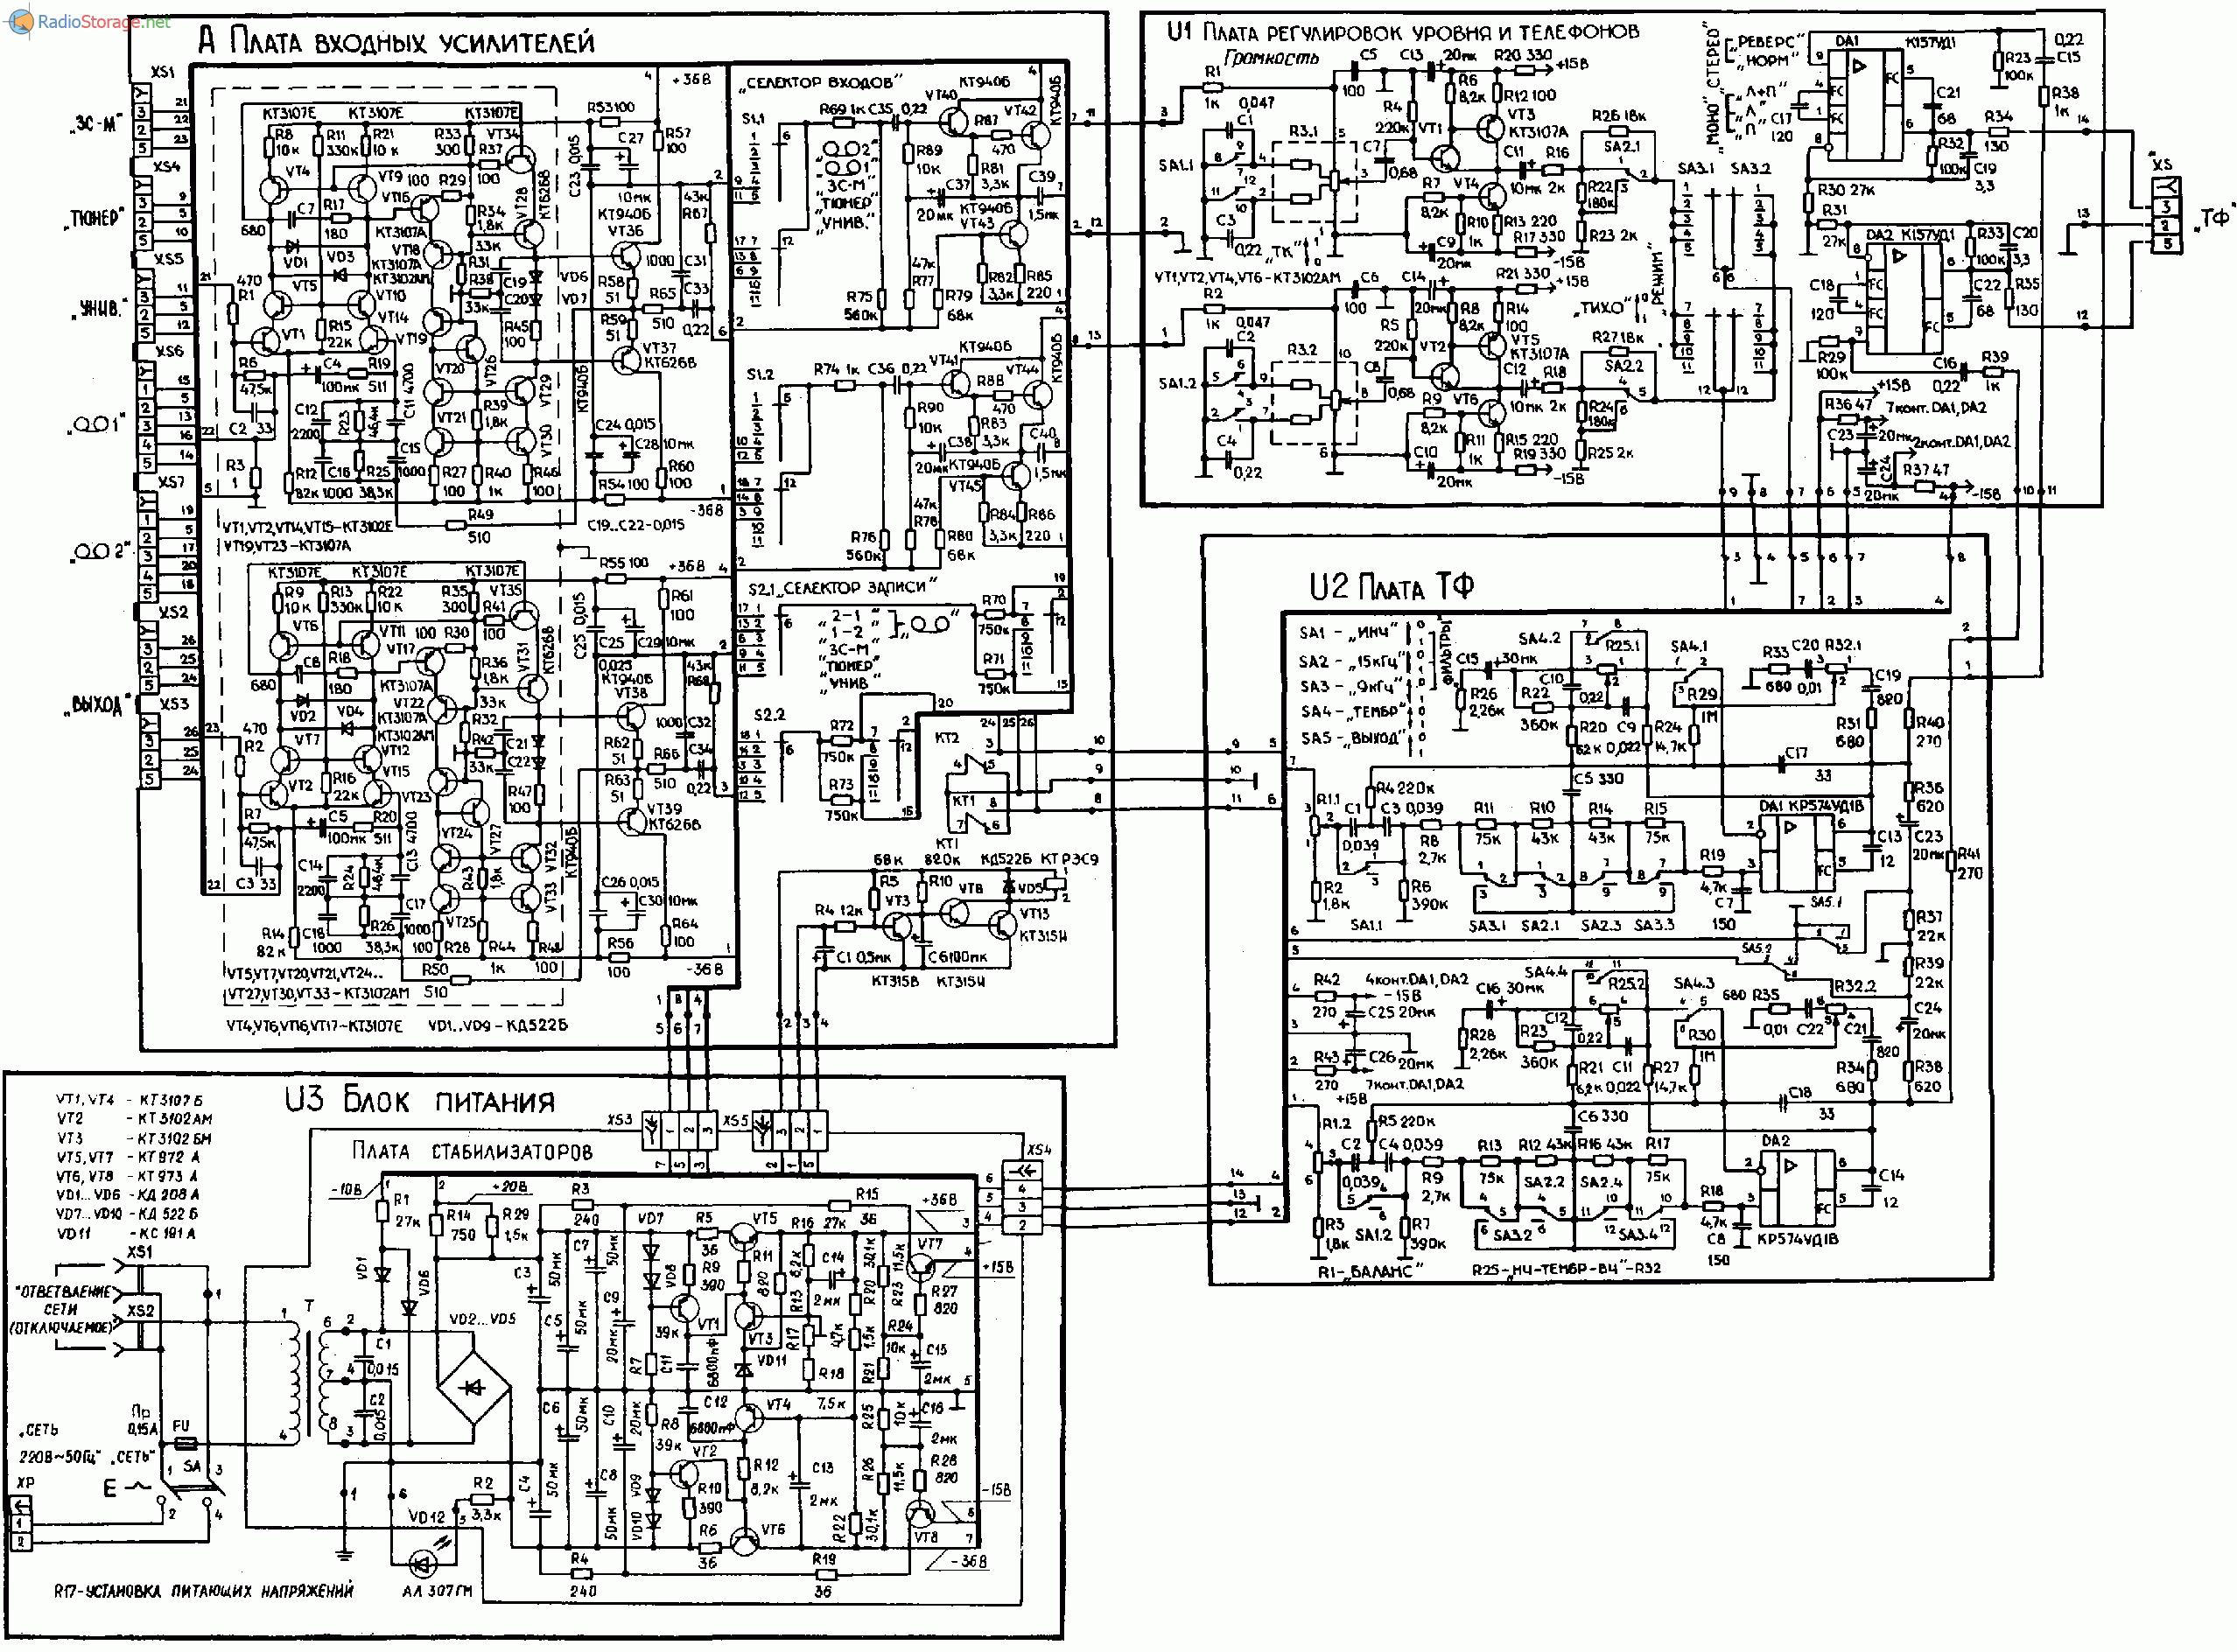 Электроника 001 схема